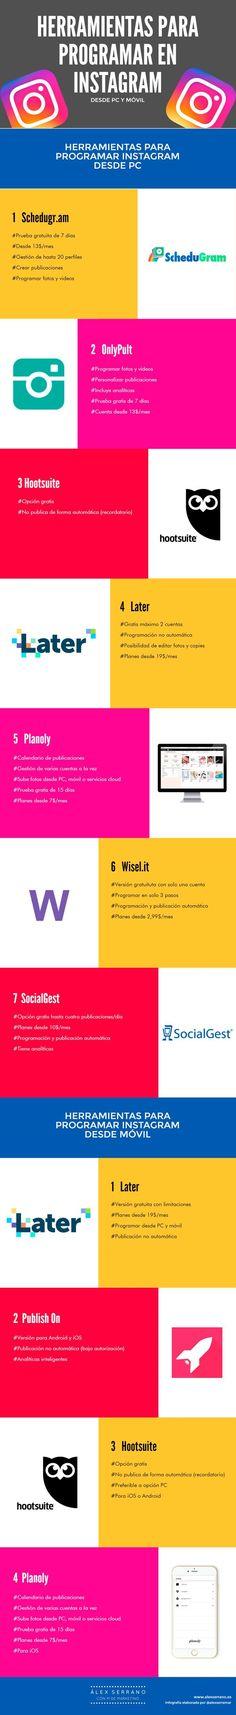 Herramientas para programar en Instagram. Estrategia de redes sociales